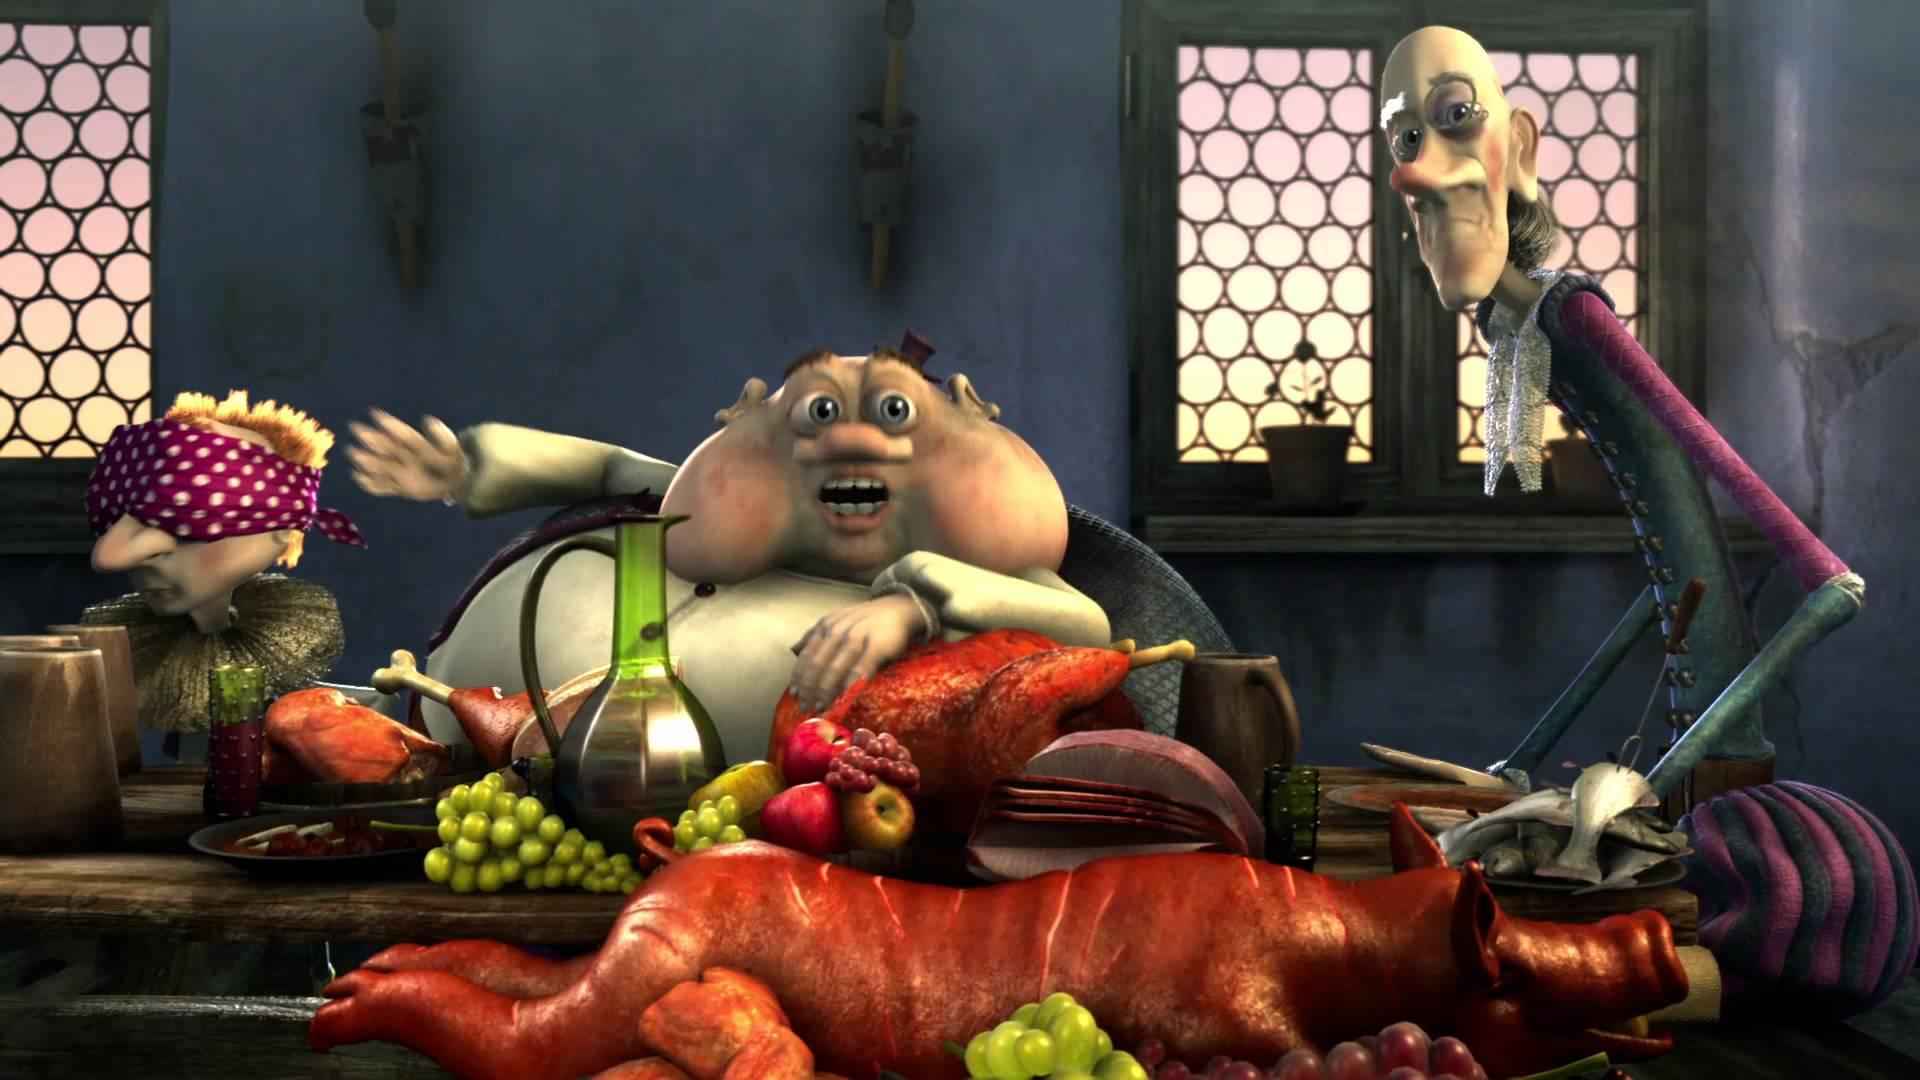 Kozí příběh 2  - Kozí příběh se sýrem - NOVÝ TRAILER 2012